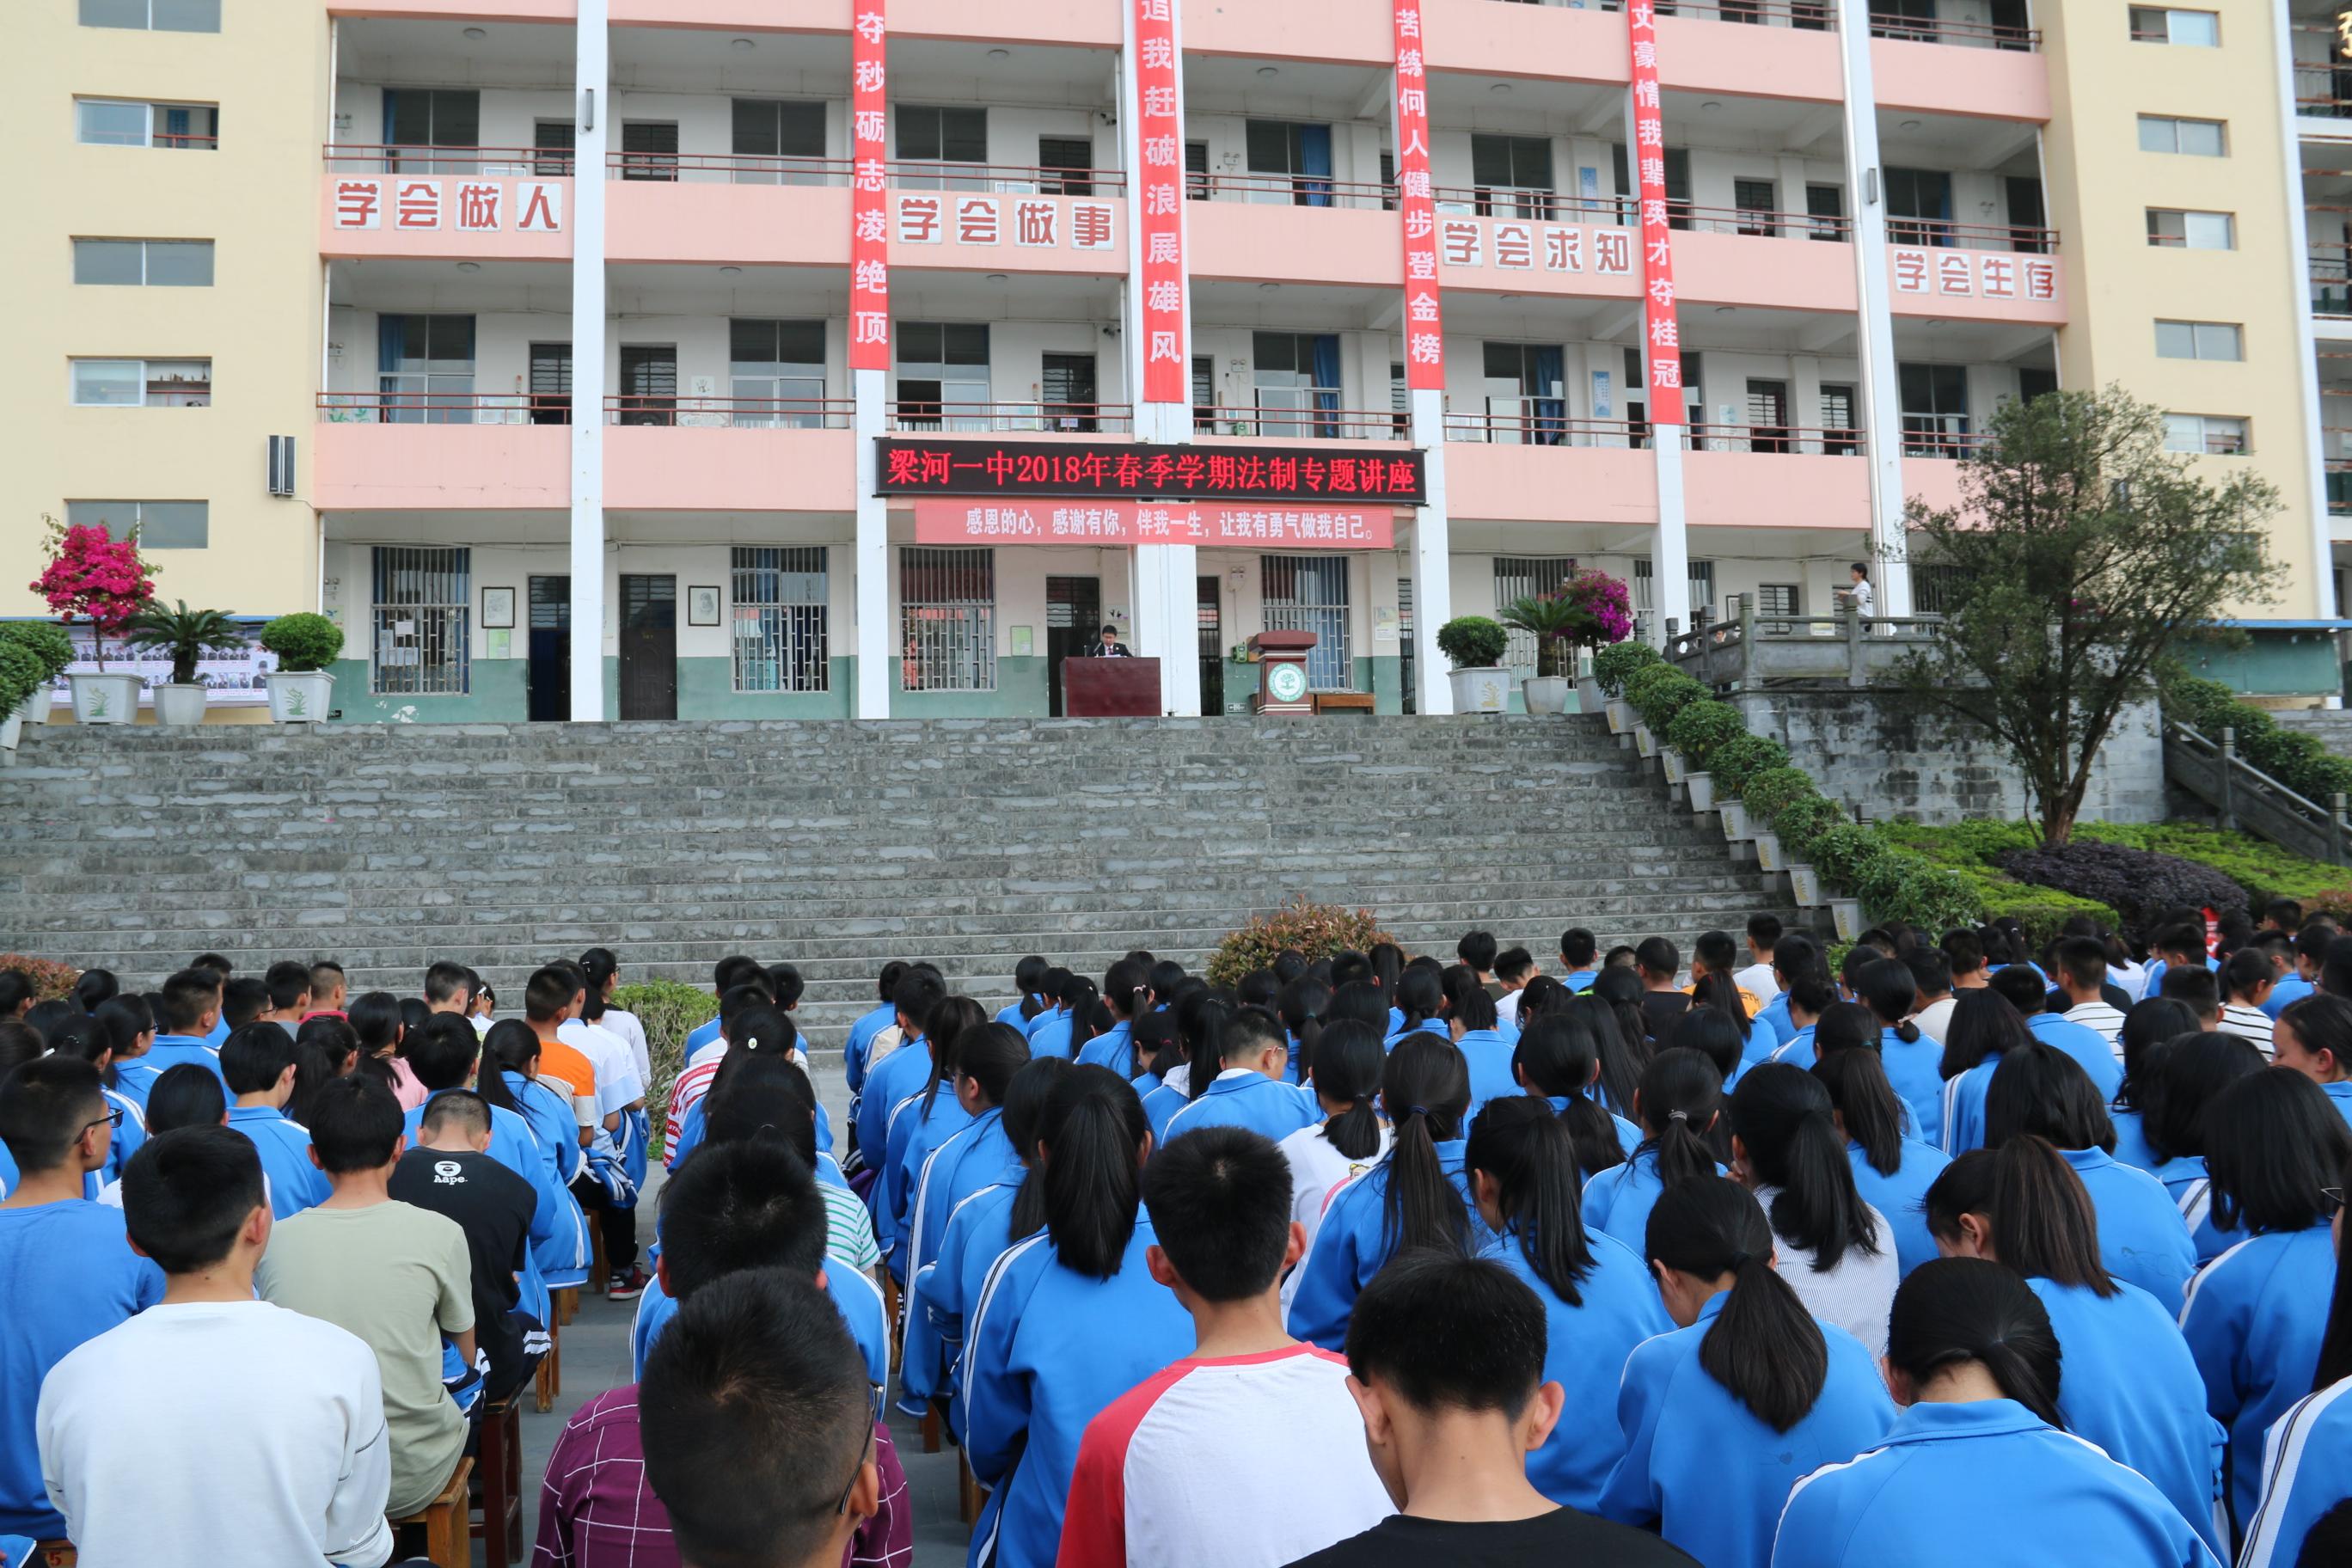 梁河县第一中学开展青少年法治教育讲座